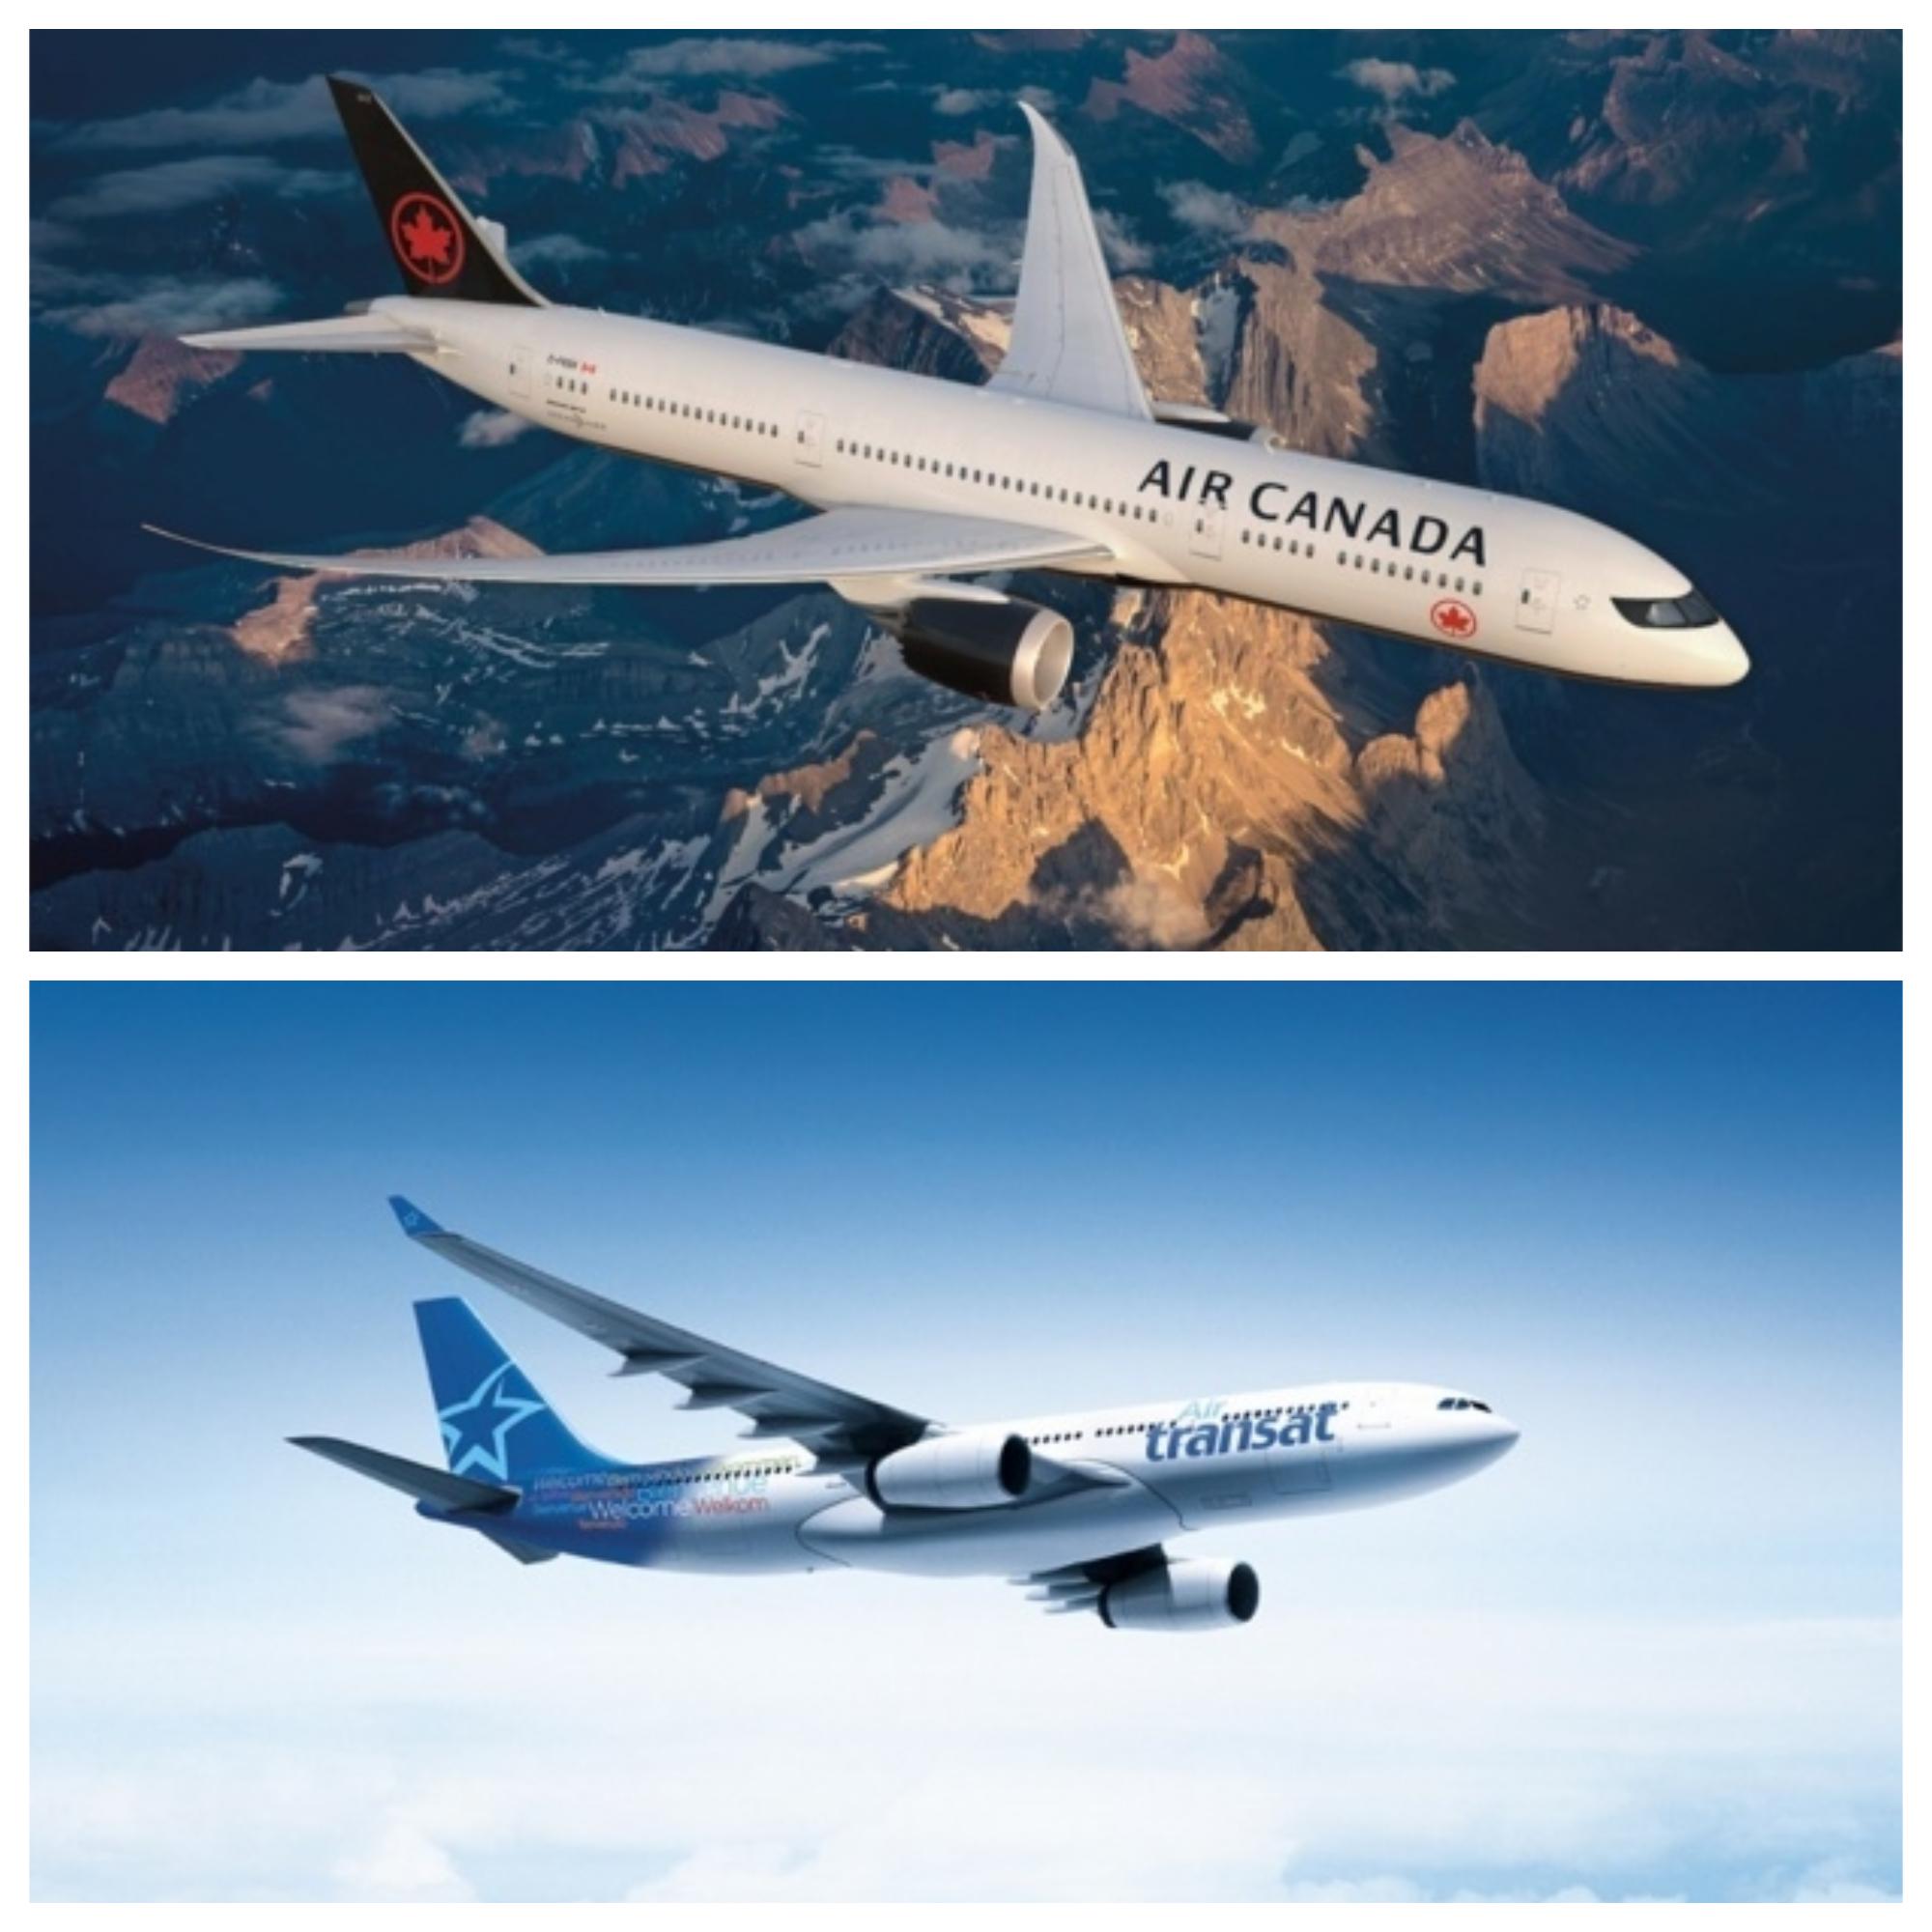 D'ici à l'été prochain, Air Canada et Air Transat deviendront ensemble l'un des acteurs principaux des liaisons France / Amérique du Nord © DR